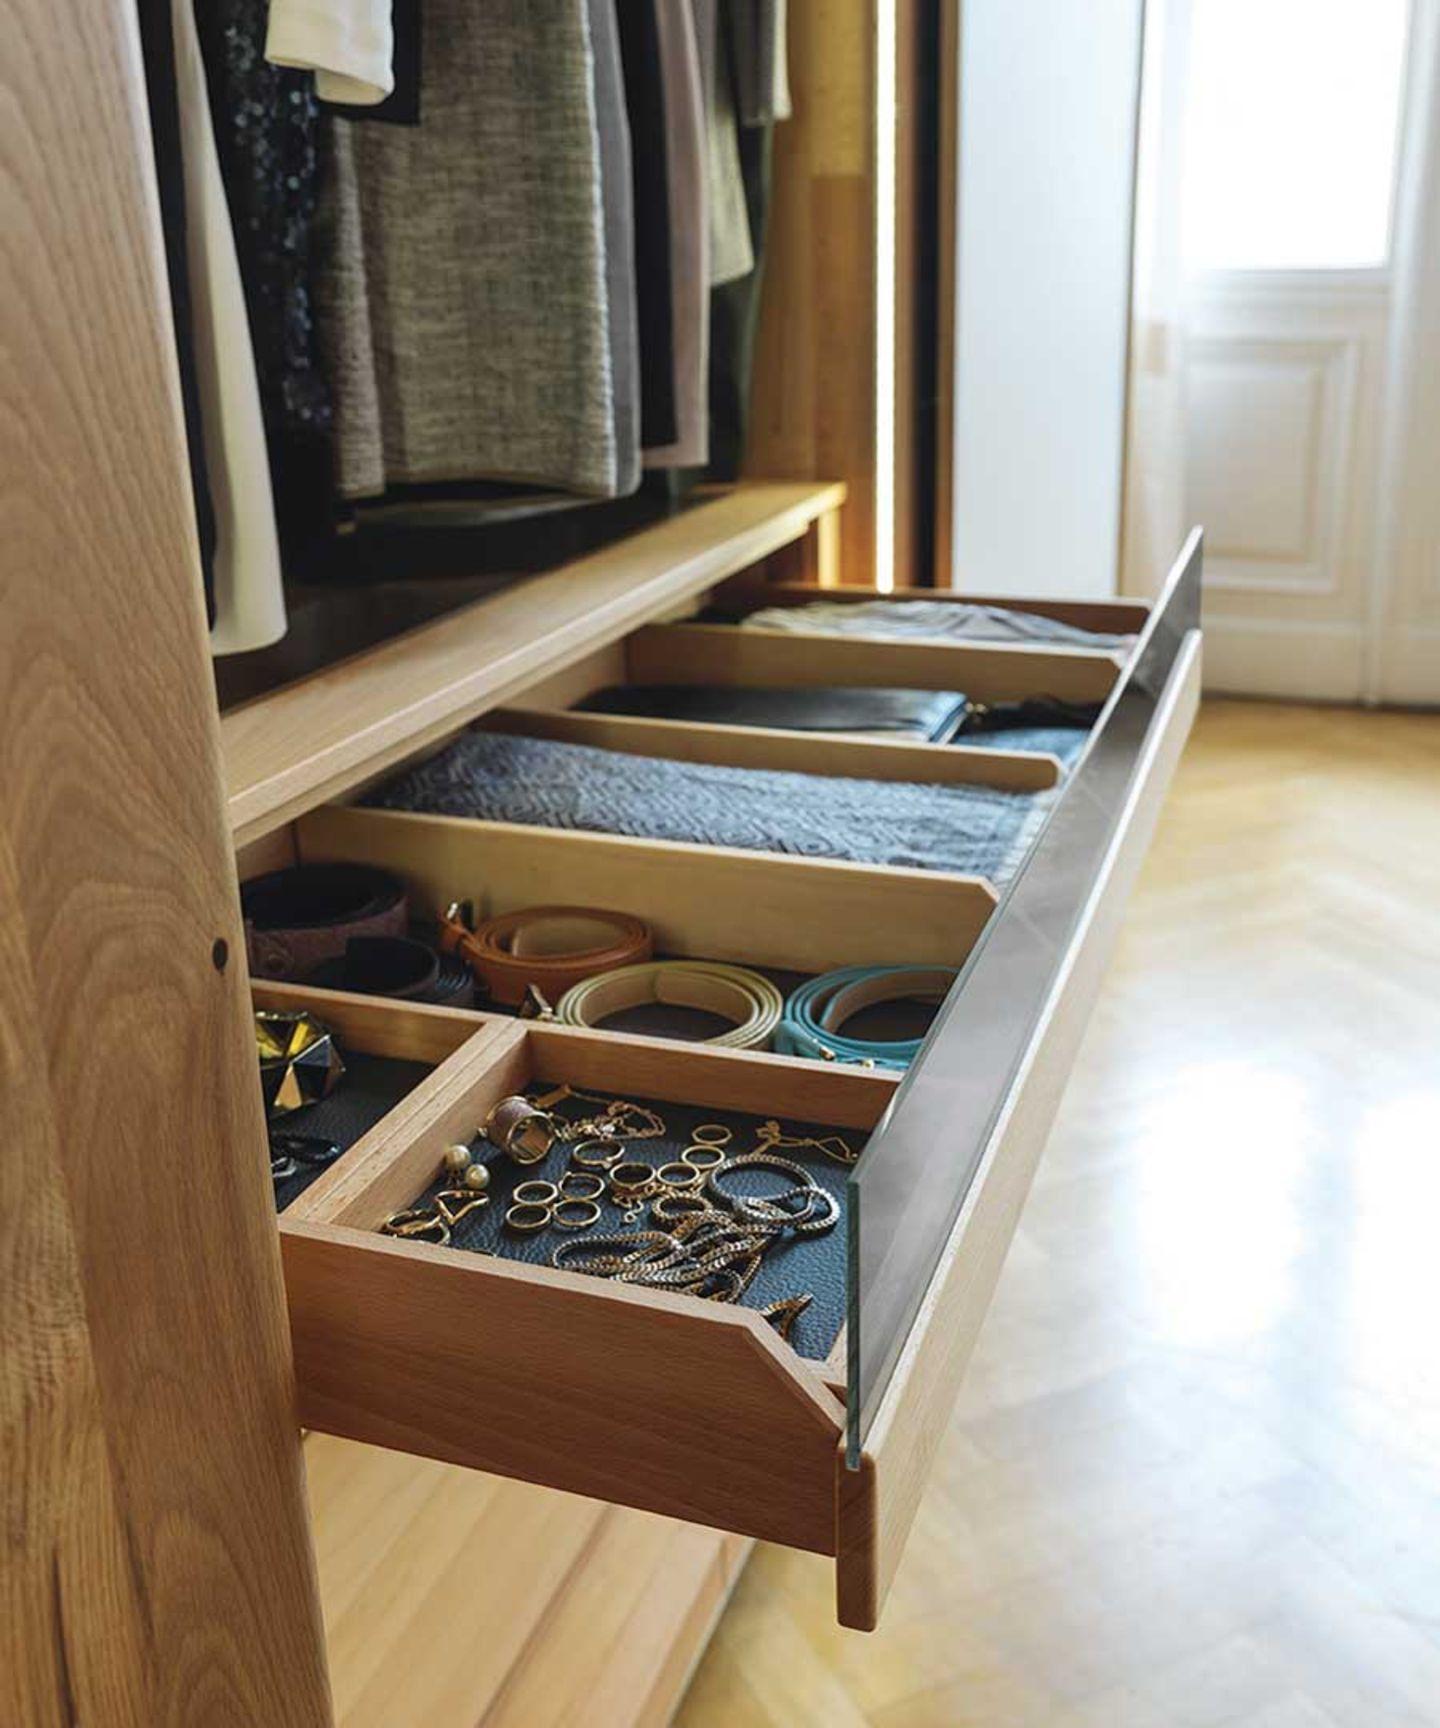 Practical wardrobe inside drawer